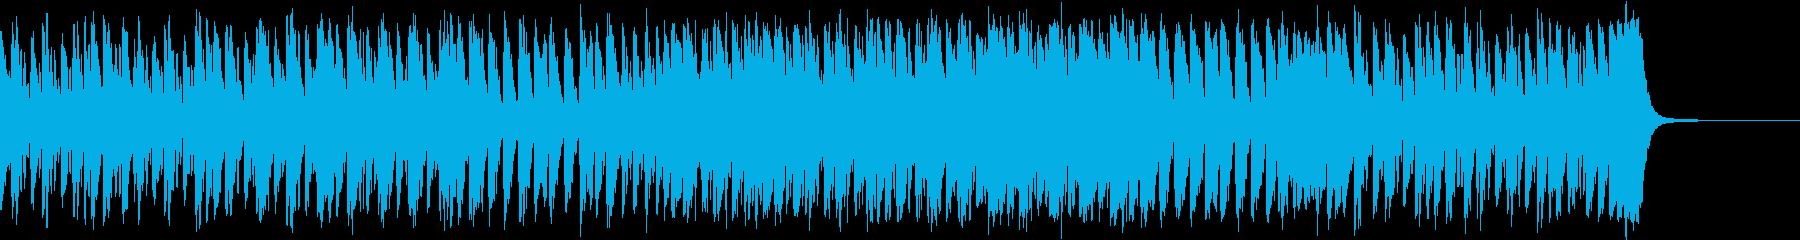 ディズニー風 マヌケ 面白い 動物の再生済みの波形